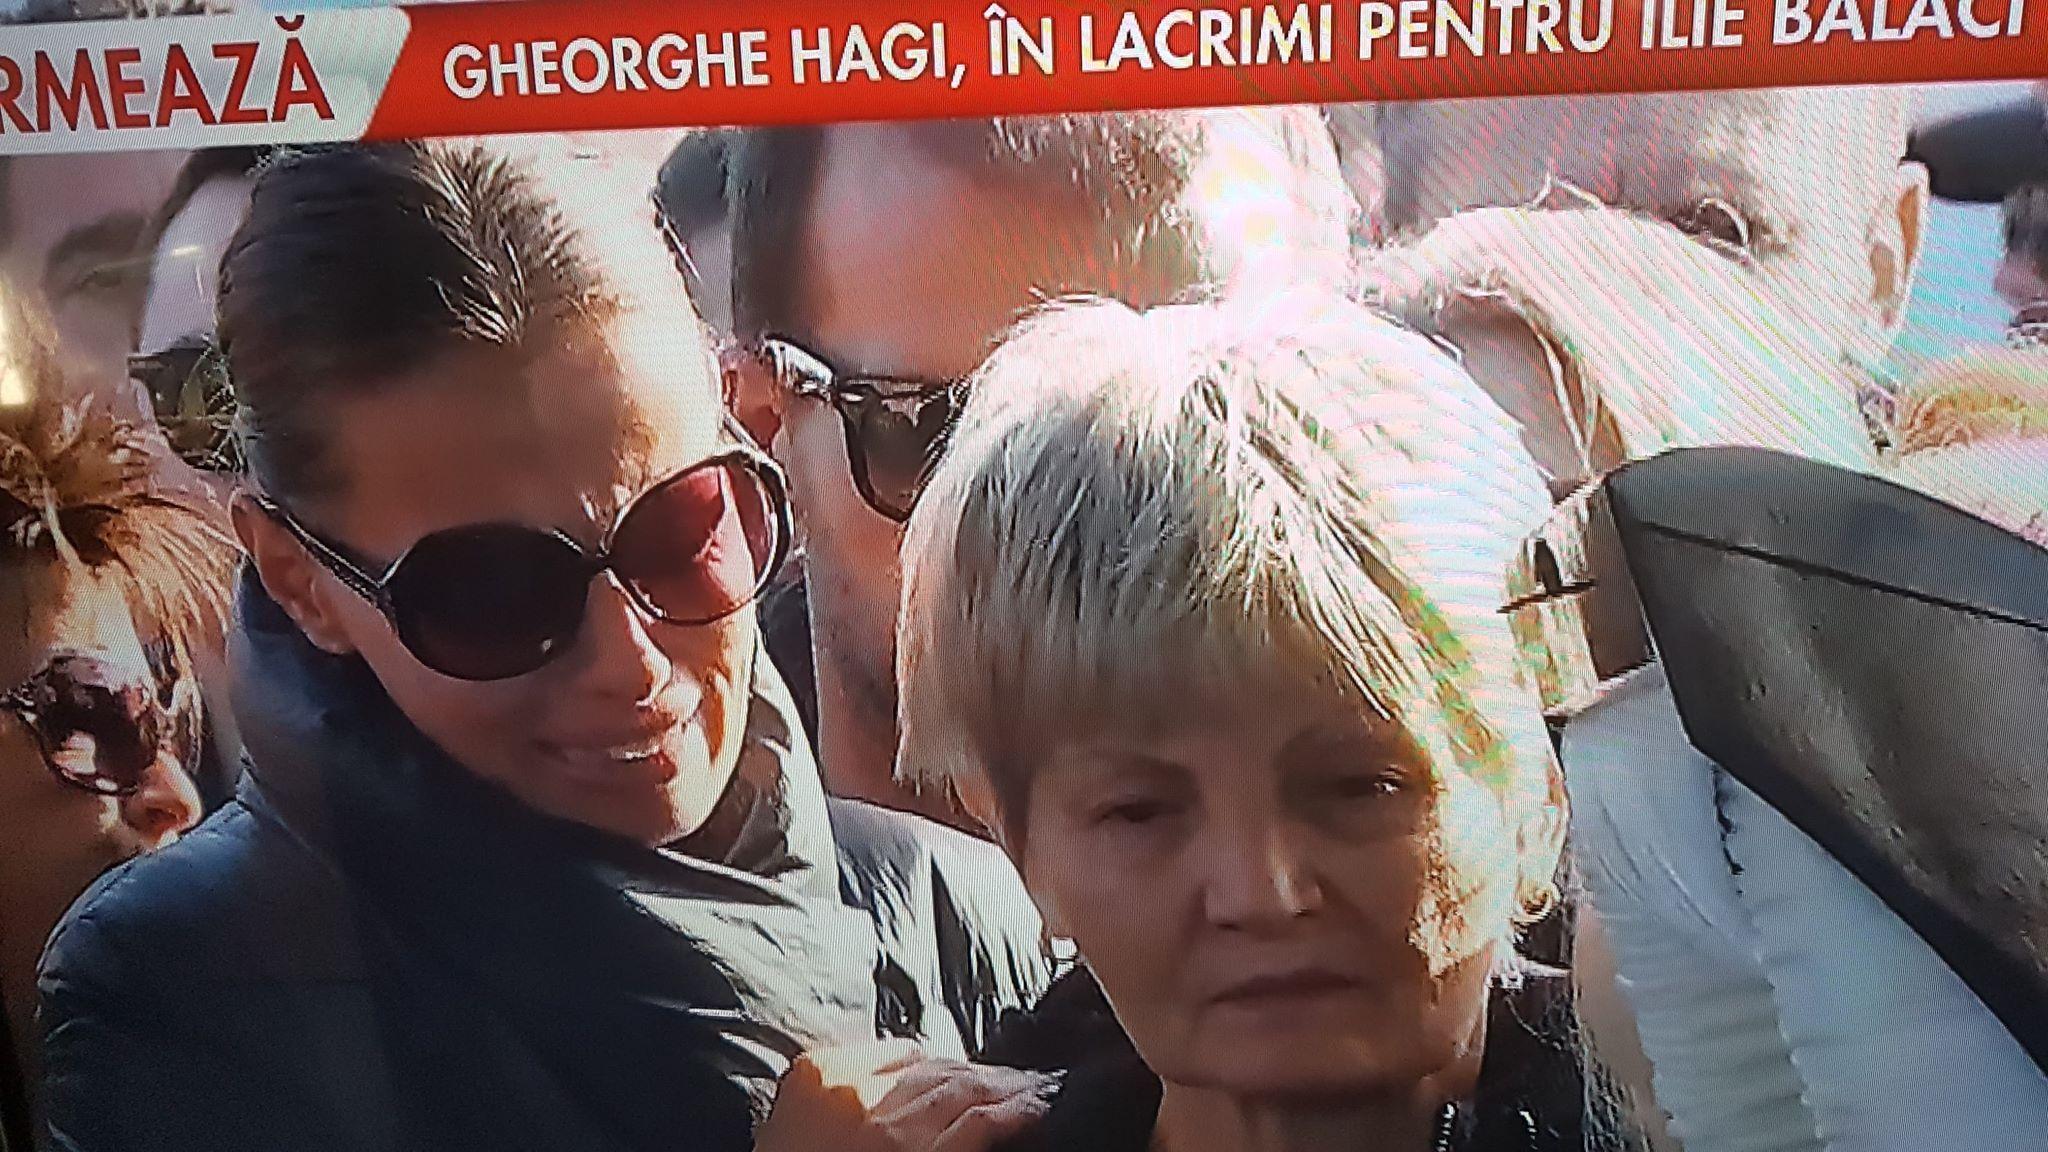 Fiicele și soția lui Ilie Balaci în hohote de plâns la sicriul său